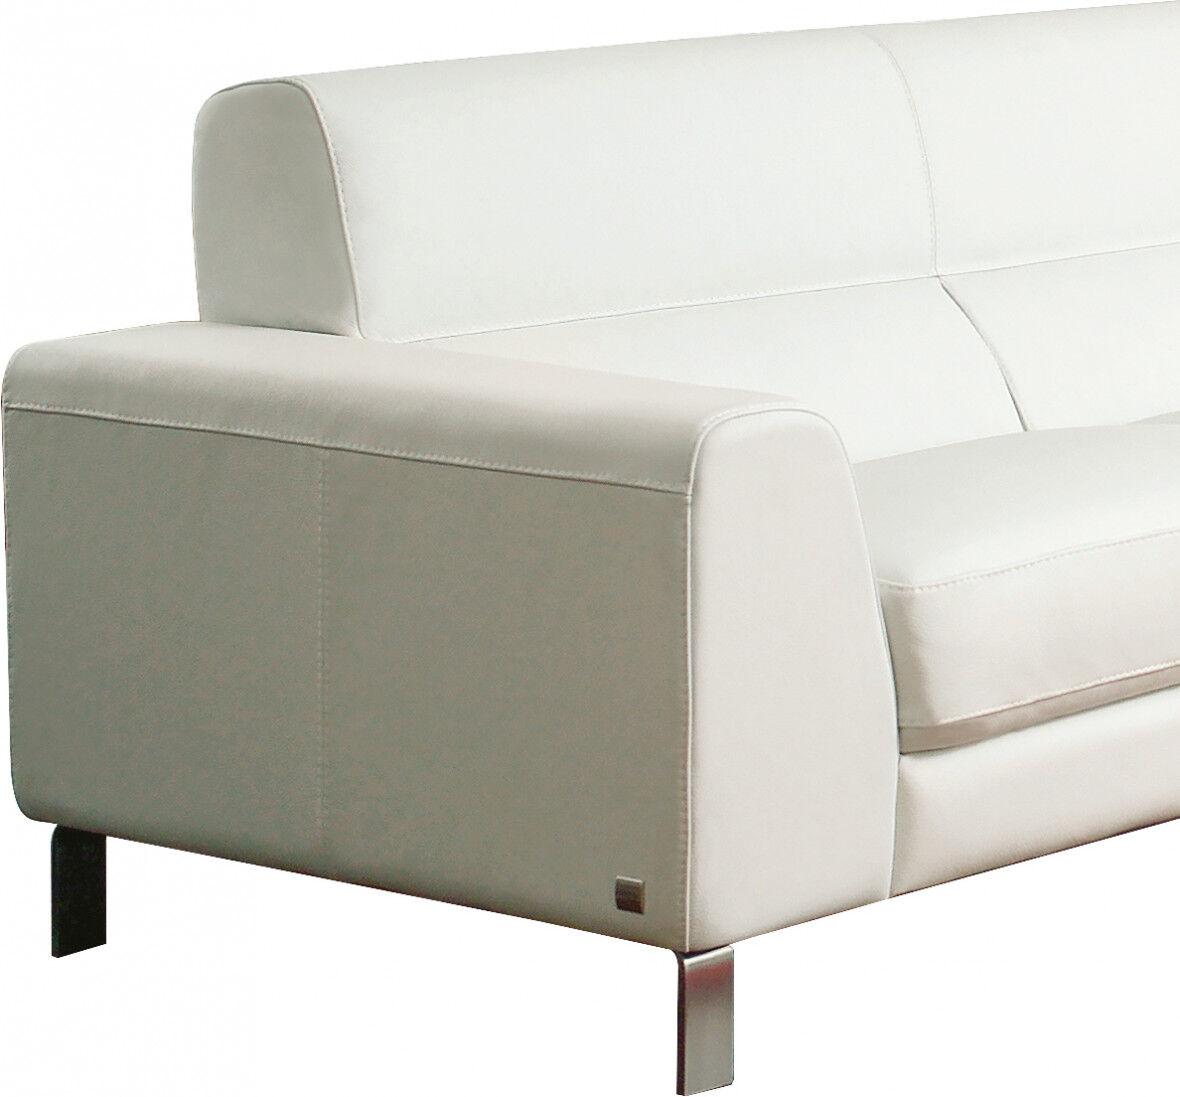 Salon d'angle modulable cuir blanc glacé Carrare